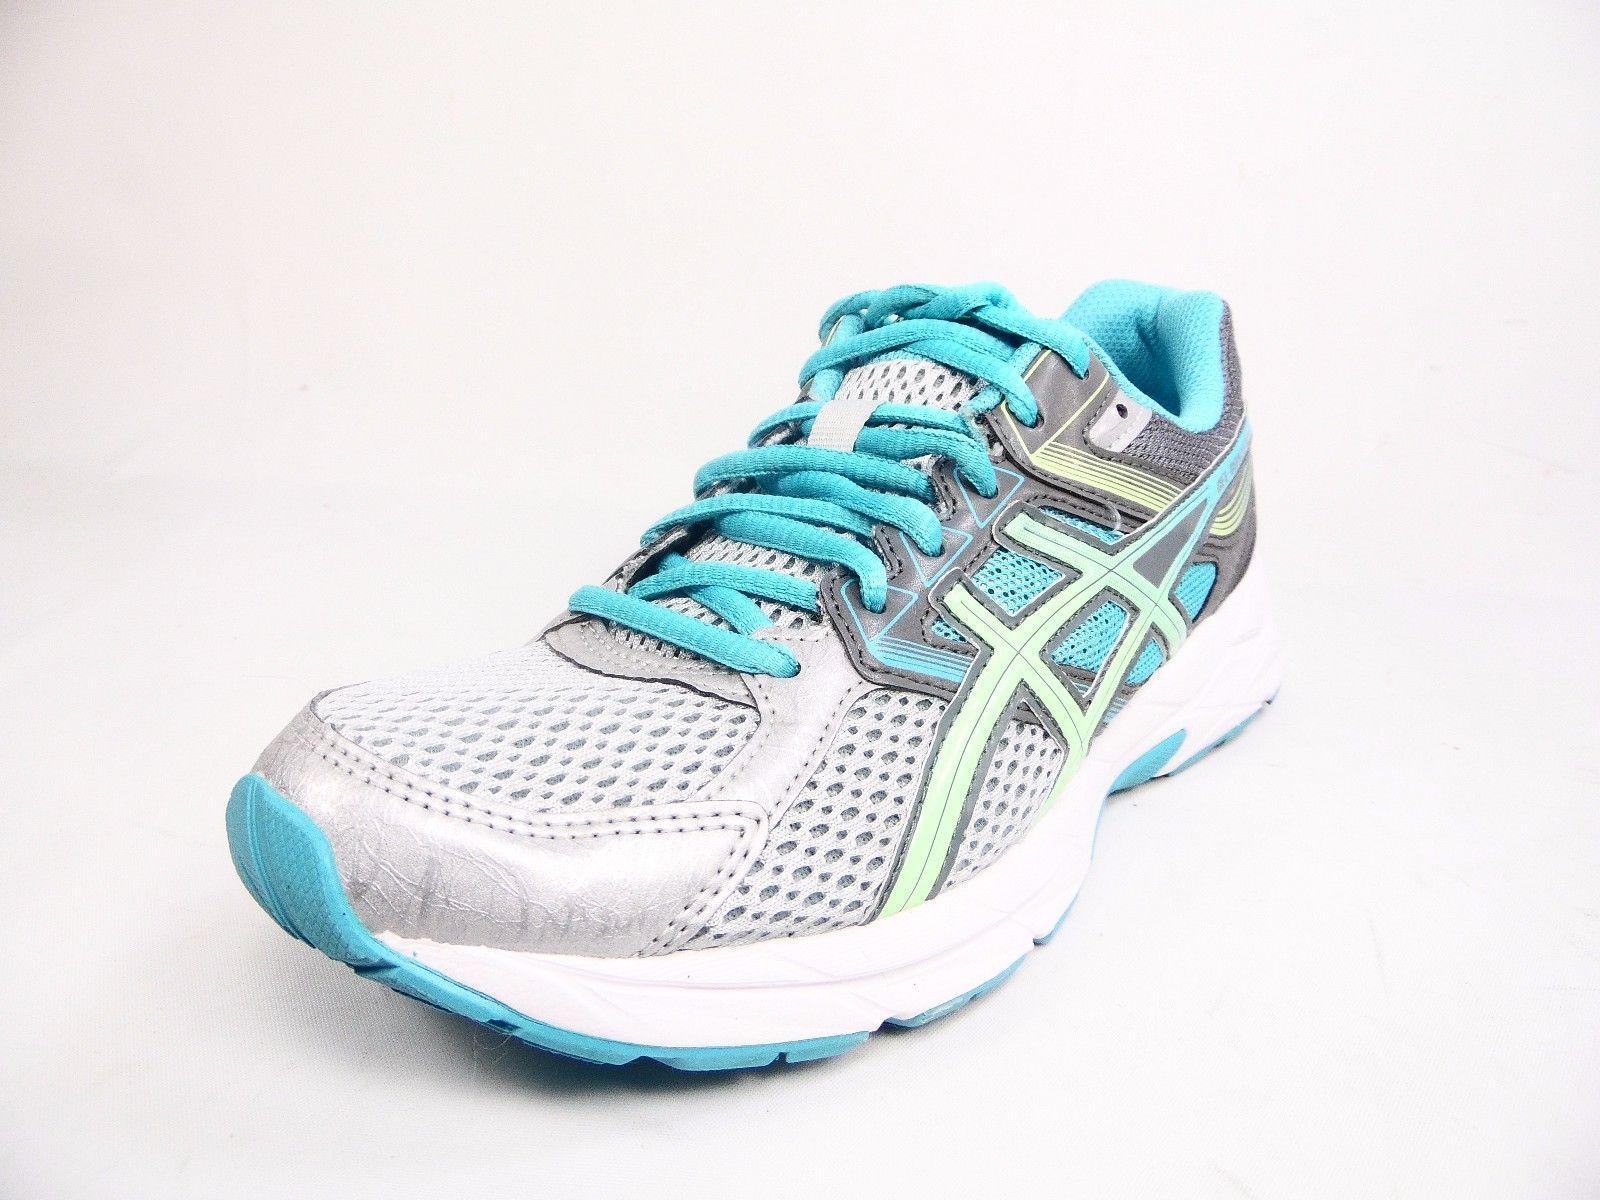 ASICS WOMEN'S GEL CONTEND 3 Running Shoe, SilverPistachio